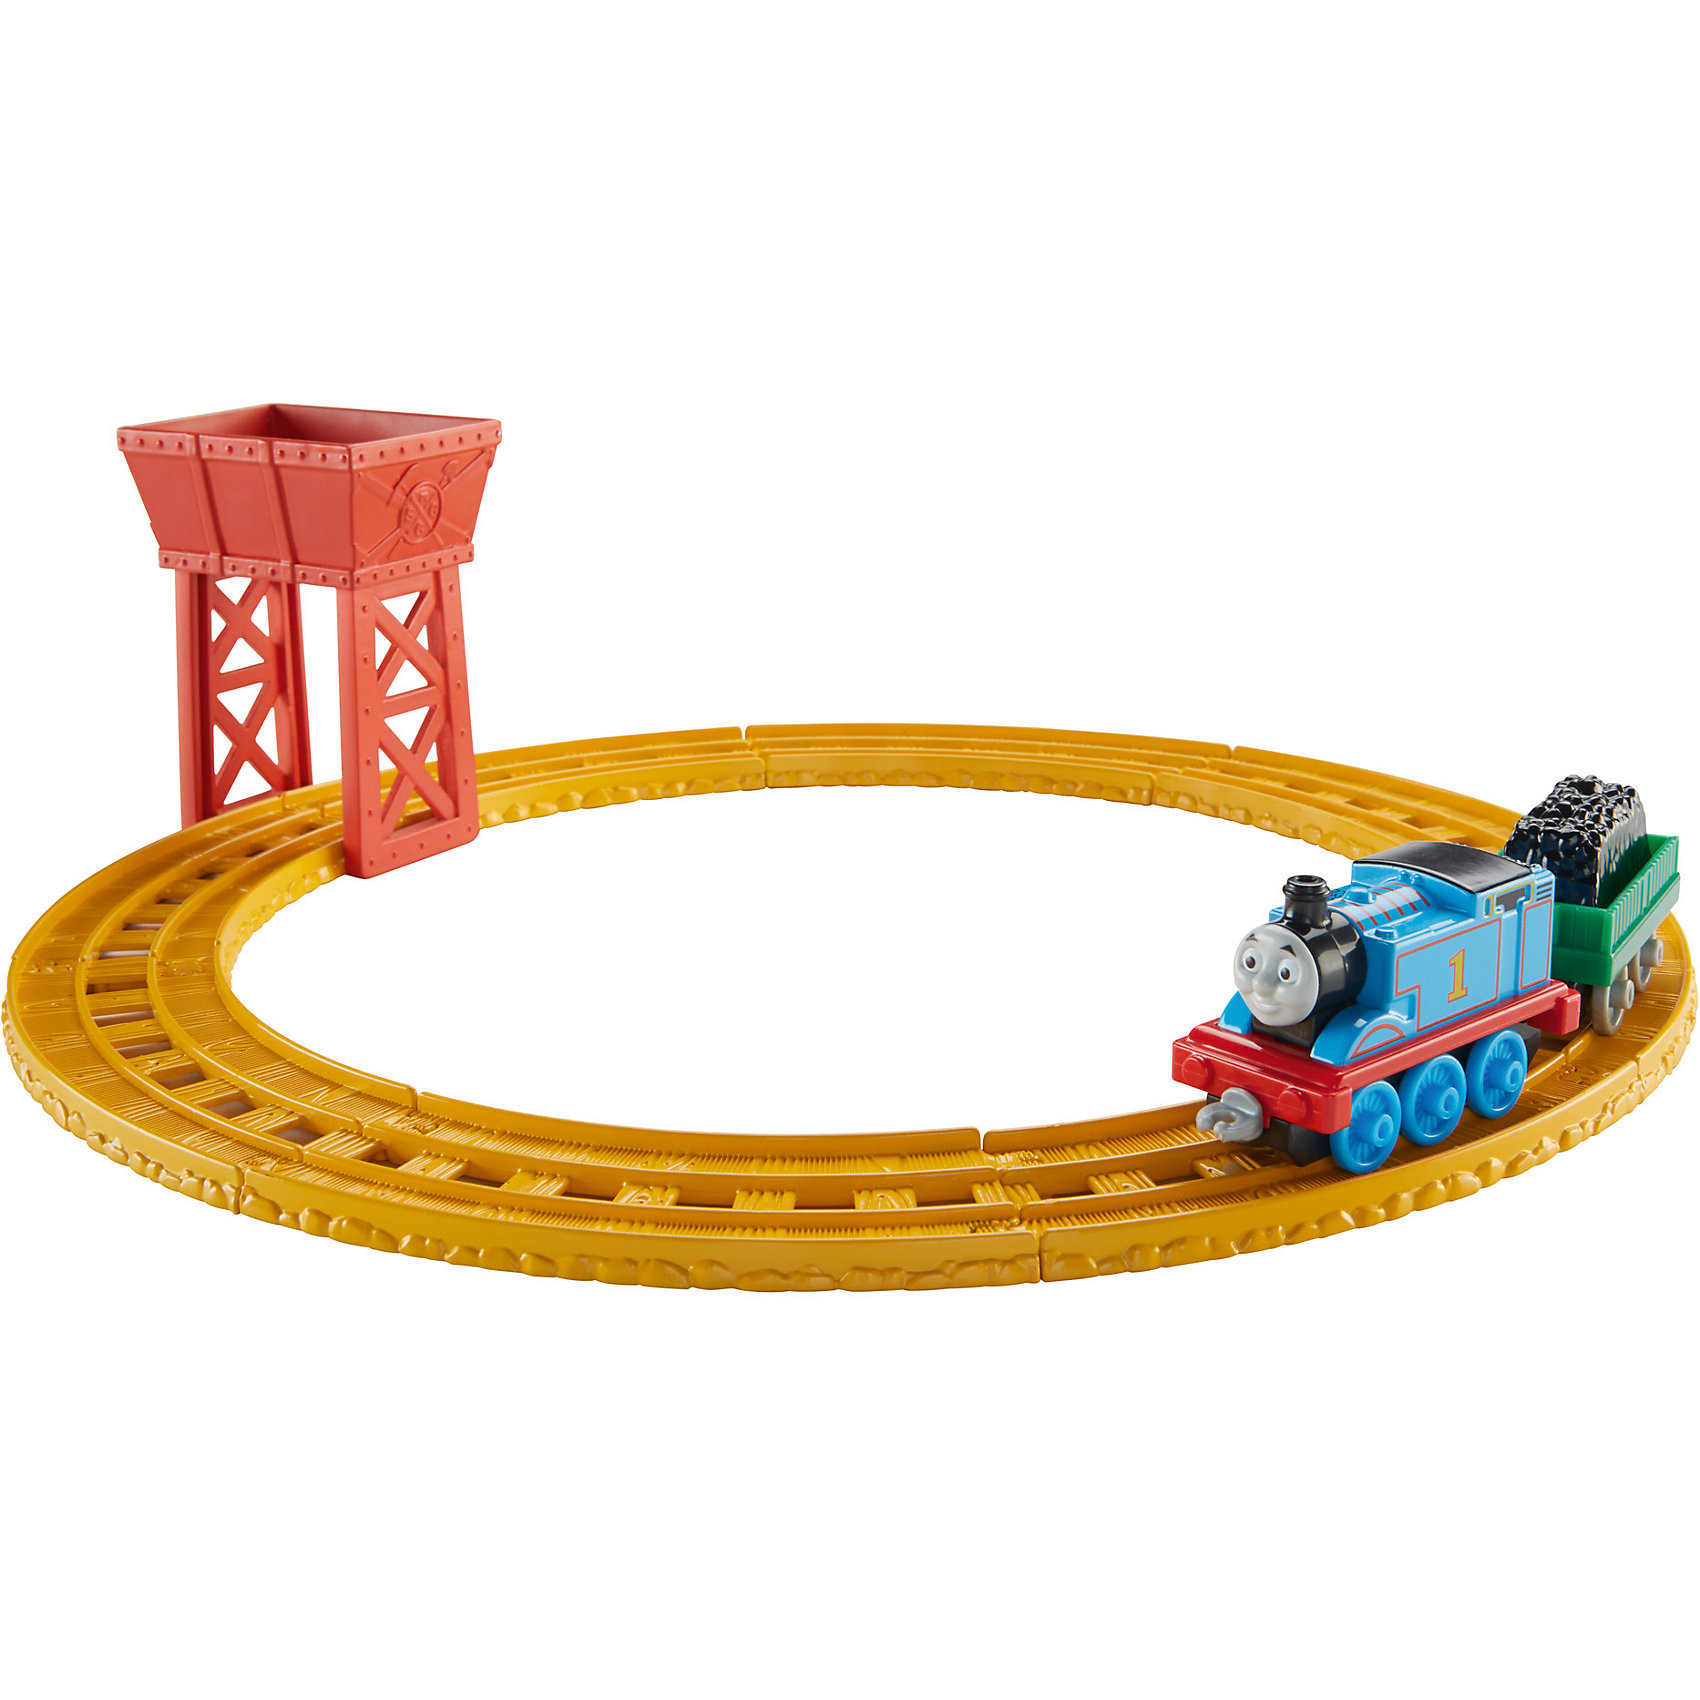 Базовый игровой набор, Томас и его друзьяБазовый игровой набор - классический вариант железной дороги для Томаса и его друзей. В магазине представлено 3 варианта комплектации игрушки. Выберете свою! Каждый набор включает в себя коллекционный игрушечный паровозик и свою собственную станцию. В любой комплектации есть базовый вариант железной дороги. Для ее расширения стоит посмотреть дополнения к железной дороге. С новыми игрушками малыша будет очень сложно оторвать от столь увлекательного занятия! Материалы, использованные при изготовлении игрушек, сертифицированы, полностью безопасны для детей и отвечают всем требованиям по качеству.<br><br>Дополнительная информация:<br><br>цвет: разноцветный;<br>возраст: 3+;<br>материал: высококачественный пластик.<br><br>Базовый игровой набор «Томас и его друзья» от компании Mattel можно приобрести в нашем магазине<br><br>Ширина мм: 55<br>Глубина мм: 260<br>Высота мм: 160<br>Вес г: 256<br>Возраст от месяцев: 36<br>Возраст до месяцев: 120<br>Пол: Мужской<br>Возраст: Детский<br>SKU: 5004522